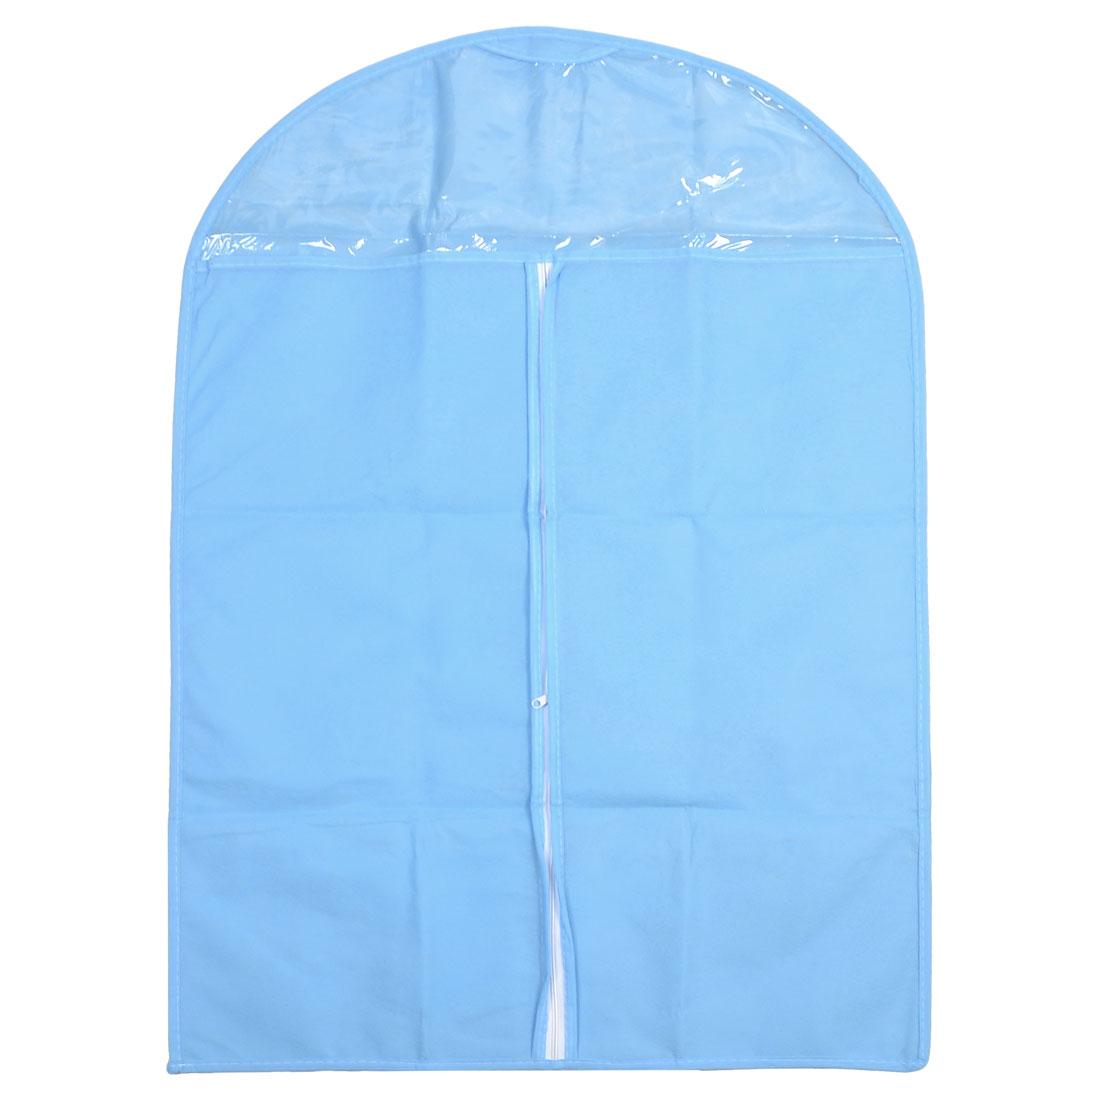 Blau-Staubdicht-Weiss-Reissverschluss-Haus-Kleidungsabdeckungsbeutel-23-6-034-x-34-6